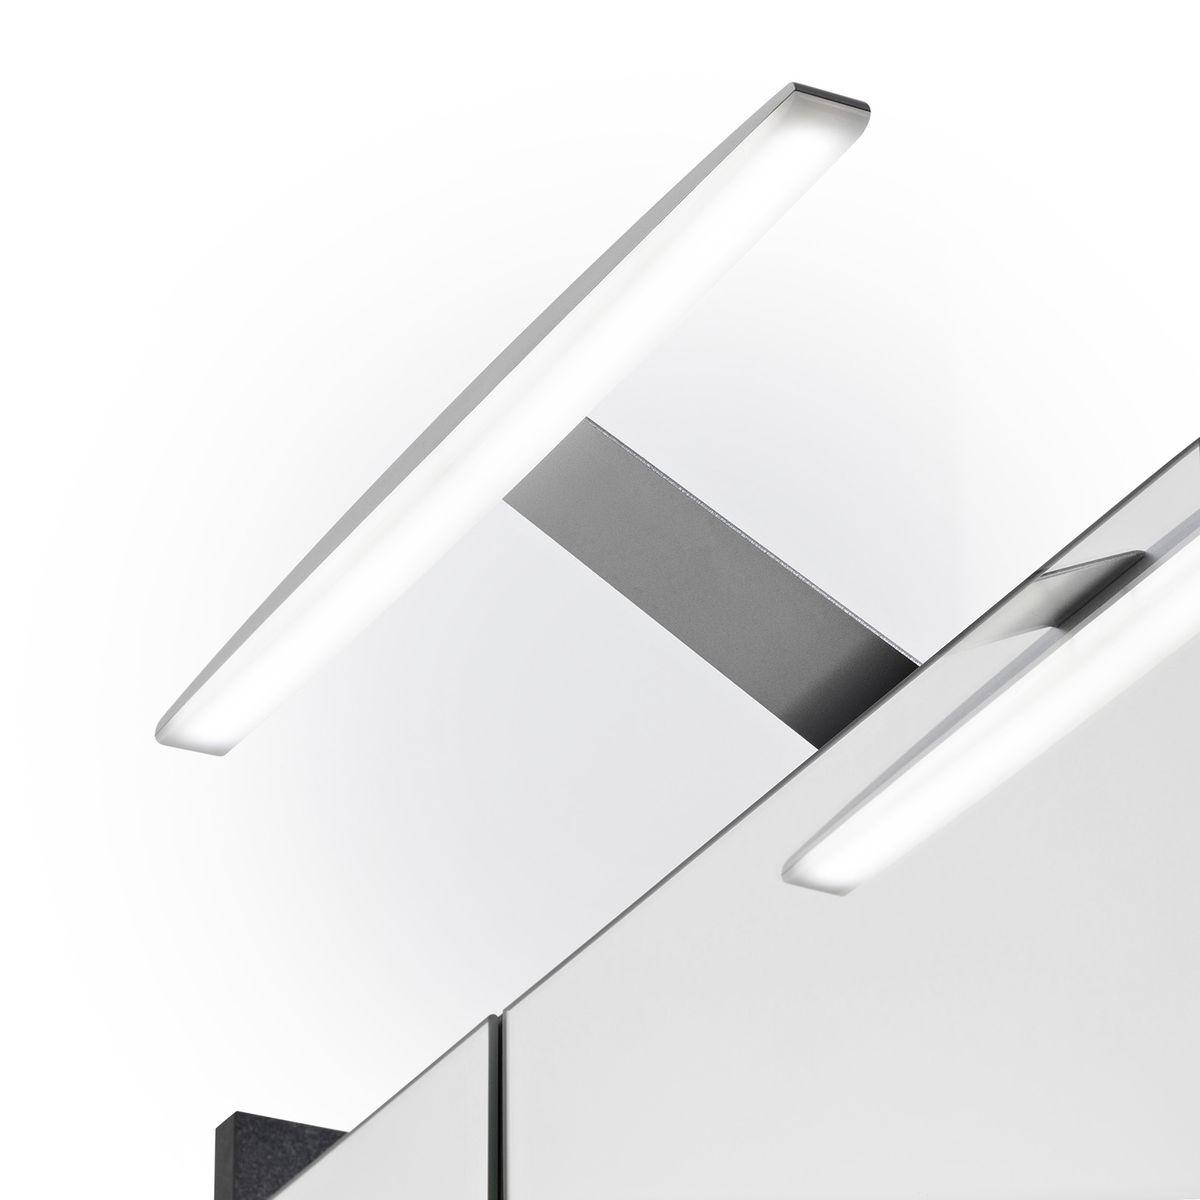 Spiegelschrank Elegance 70 cm mit Beleuchtung und Steckdose – Bild 6